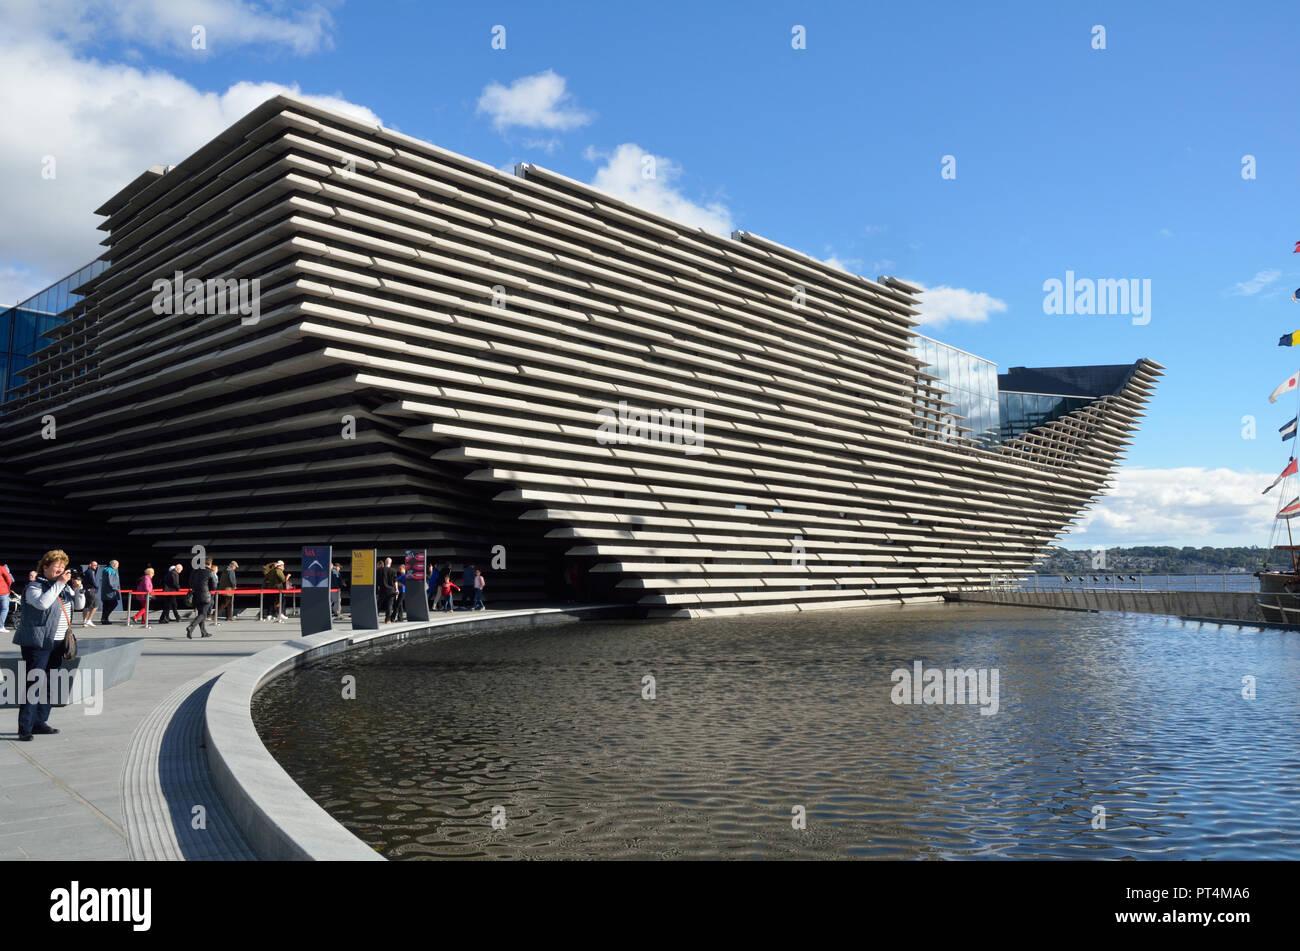 Dundee V&A Museum; Dundee; Scotland; Great Britain; UK; United Kingdom; Europe; Opened 15th. September 2018. Designed by Japanese architect Kengo Kuma - Stock Image